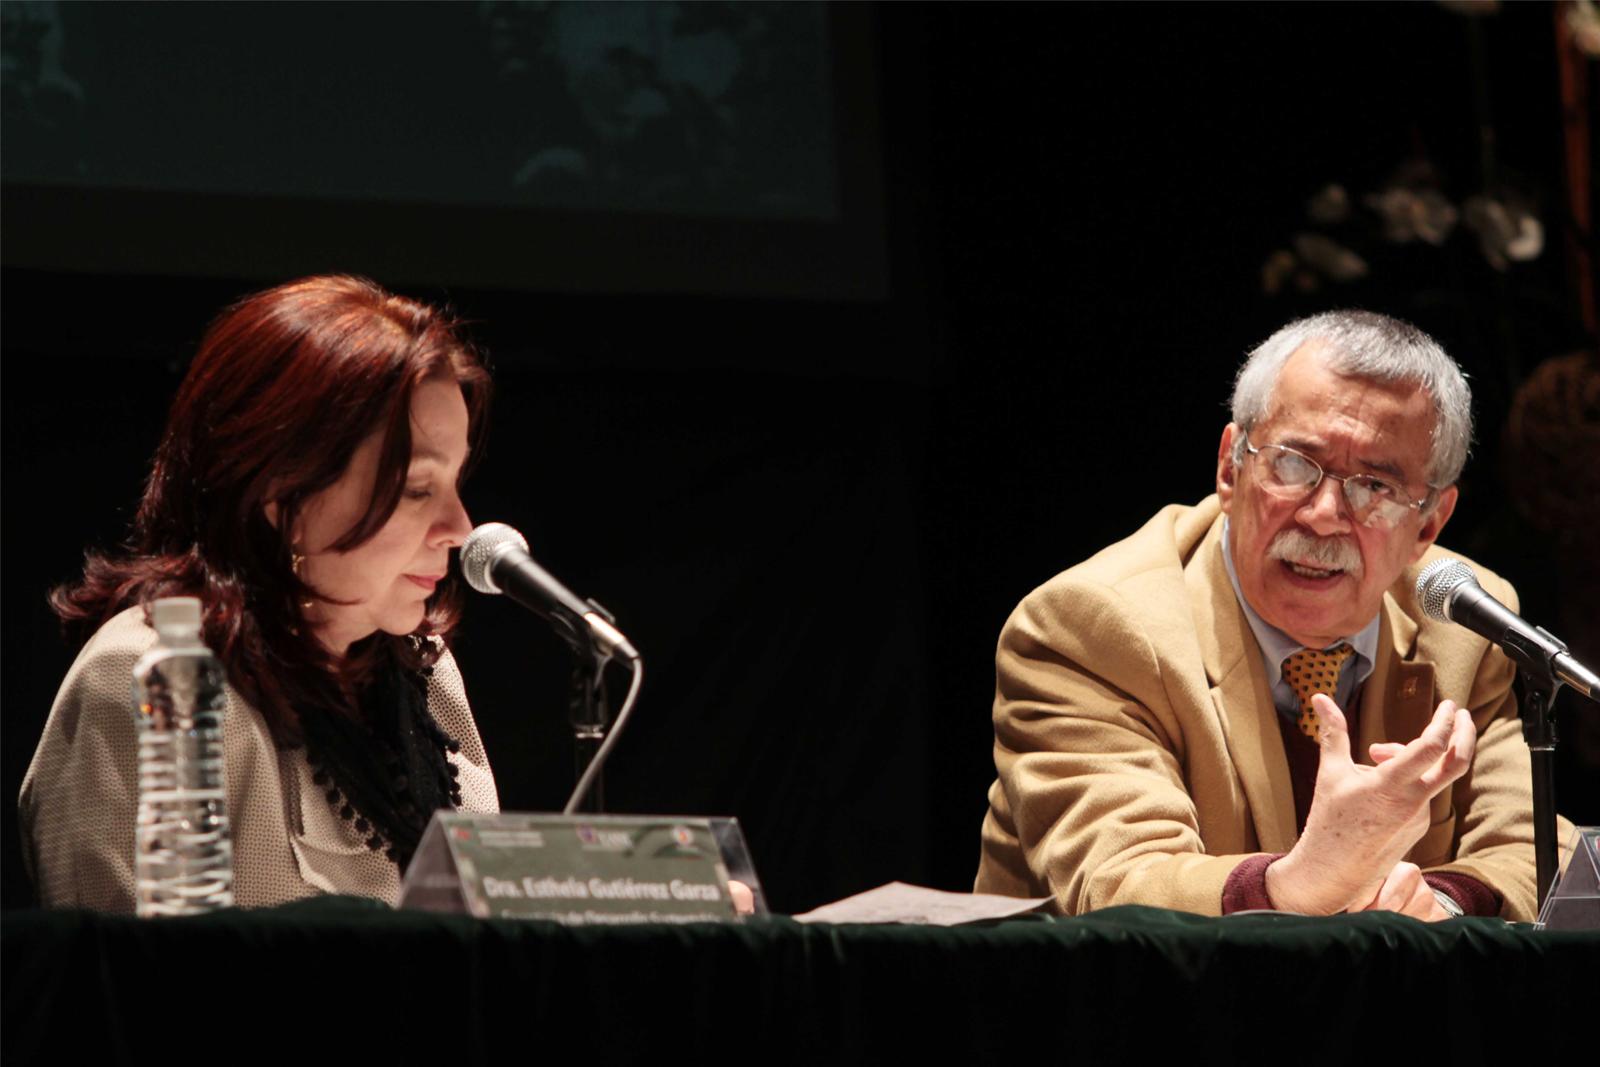 Foro Nacional de Participación Ciudadana en el Proyecto de Nación es coordinado por la doctora Esthela Gutiérrez